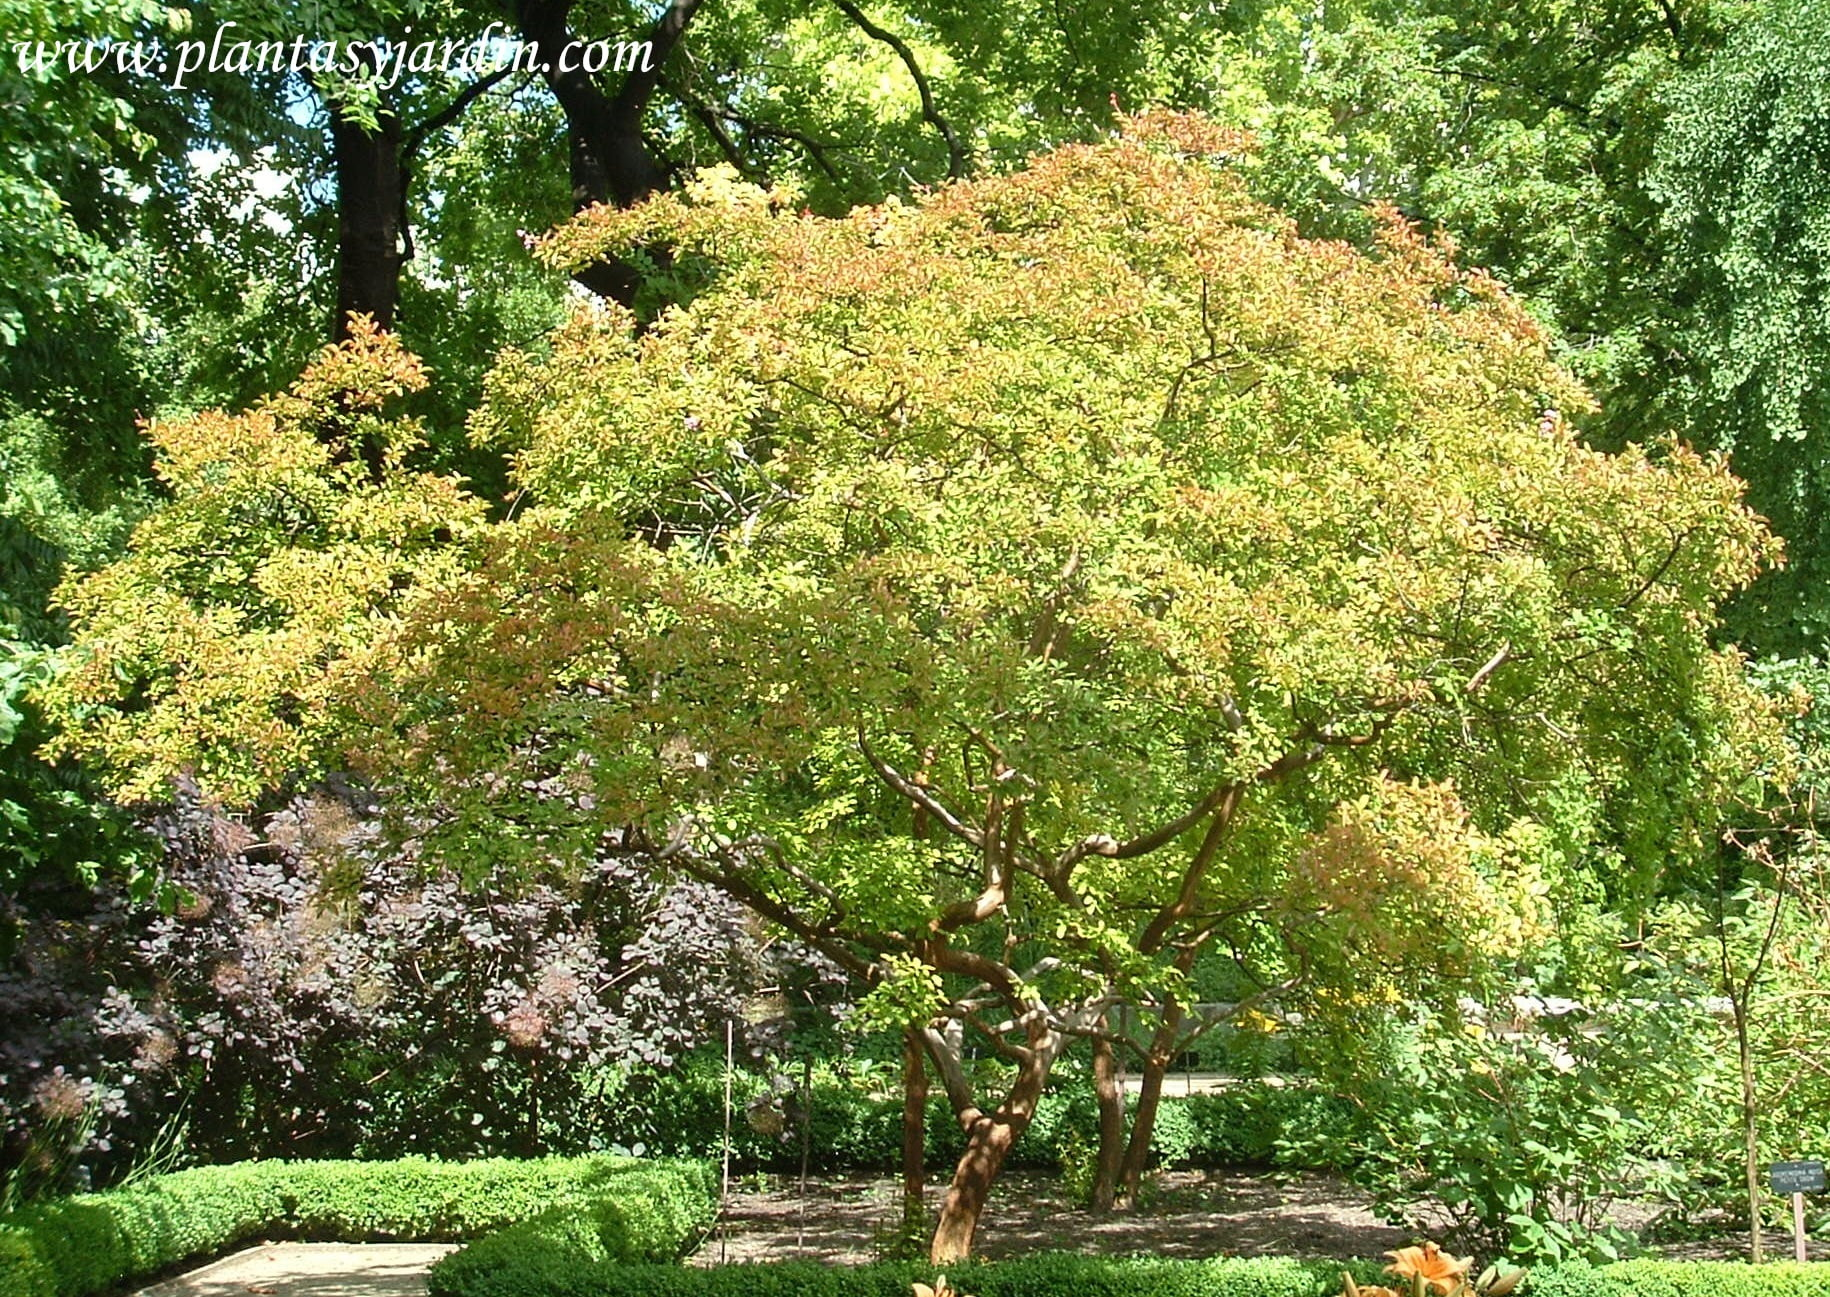 Rboles ornamentales para jardines peque os plantas jard n - Arbol de jardin ...